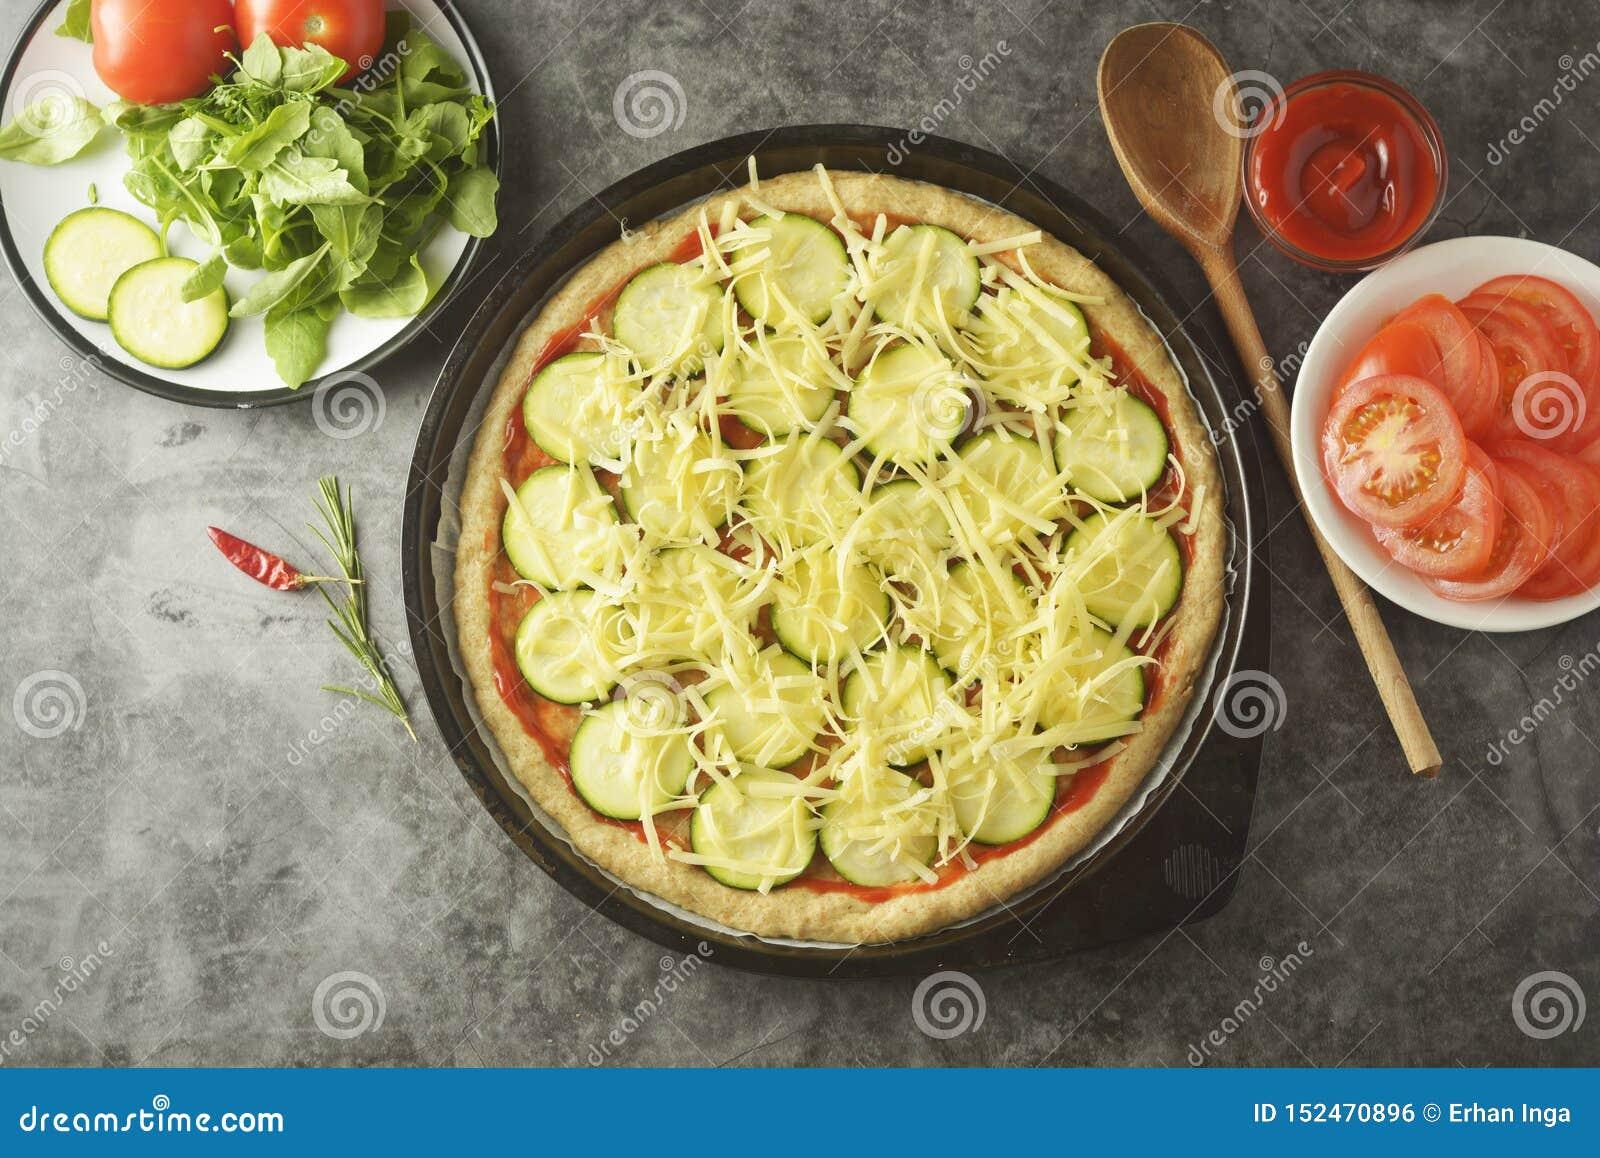 Χορτοφάγος πίτσα Διαδικασία μαγειρέματος της φυτικής σπιτικής πίτσας με τα φρέσκα συστατικά που απομονώνεται στο σκοτεινό υπόβαθρ